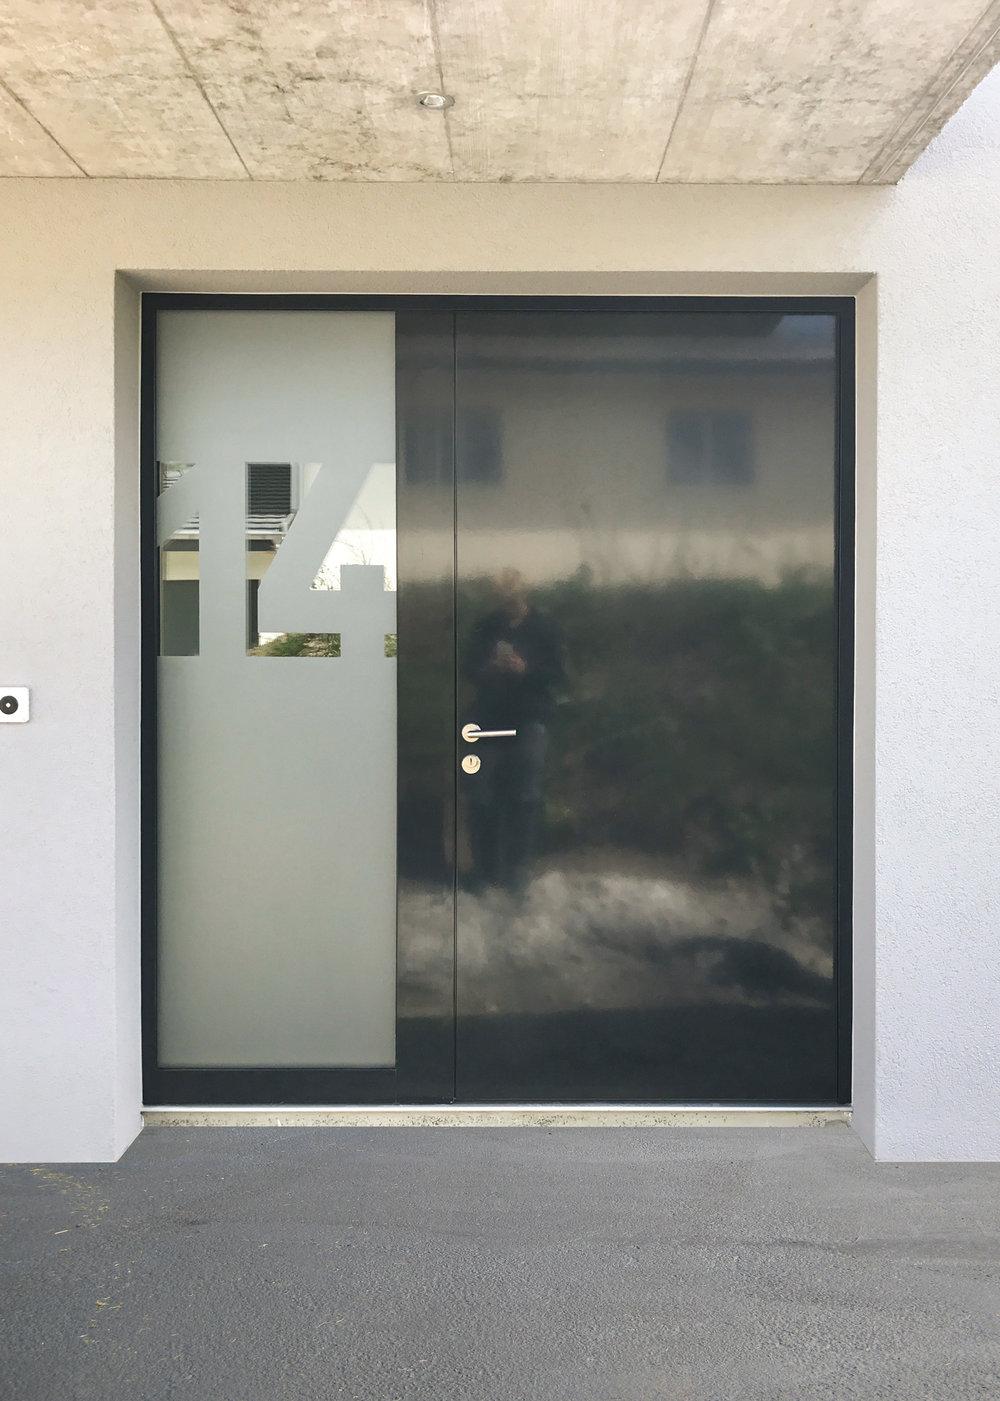 Sichtschutz auf Haustüre